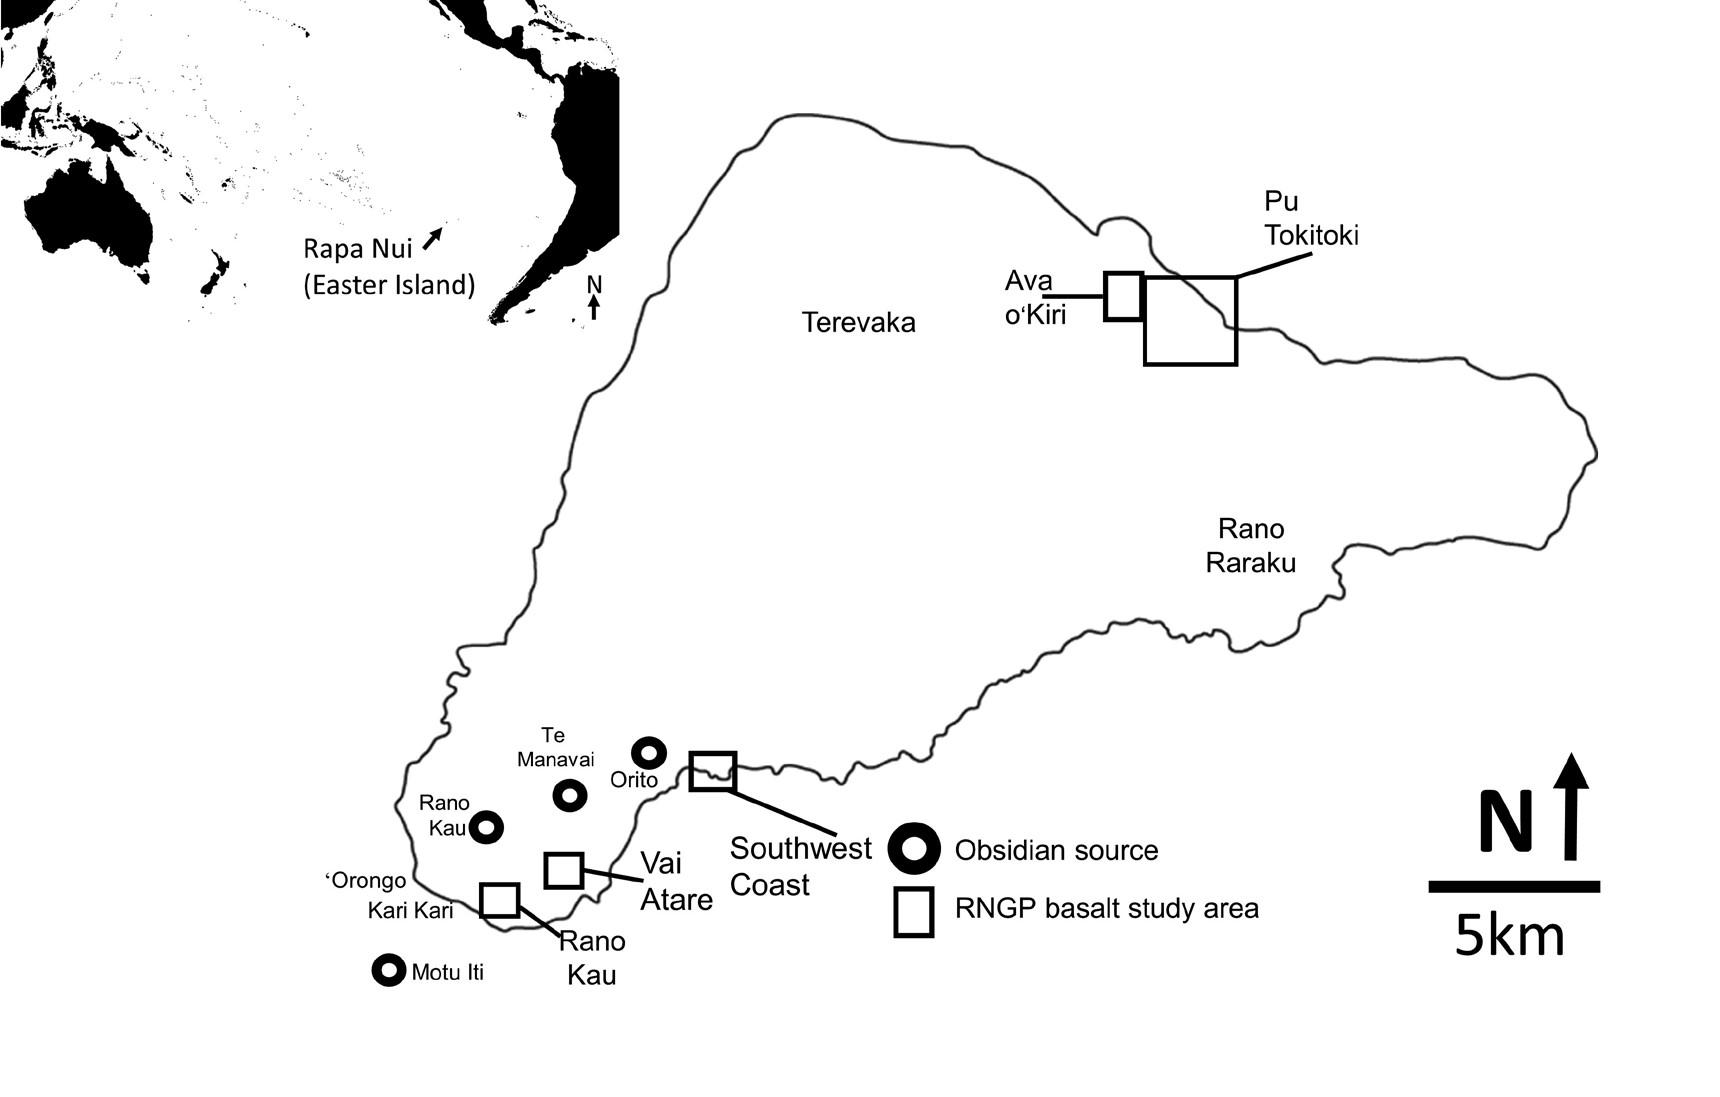 Карта острова Пасхи суказанием местонахождений, упоминающихся встатье.